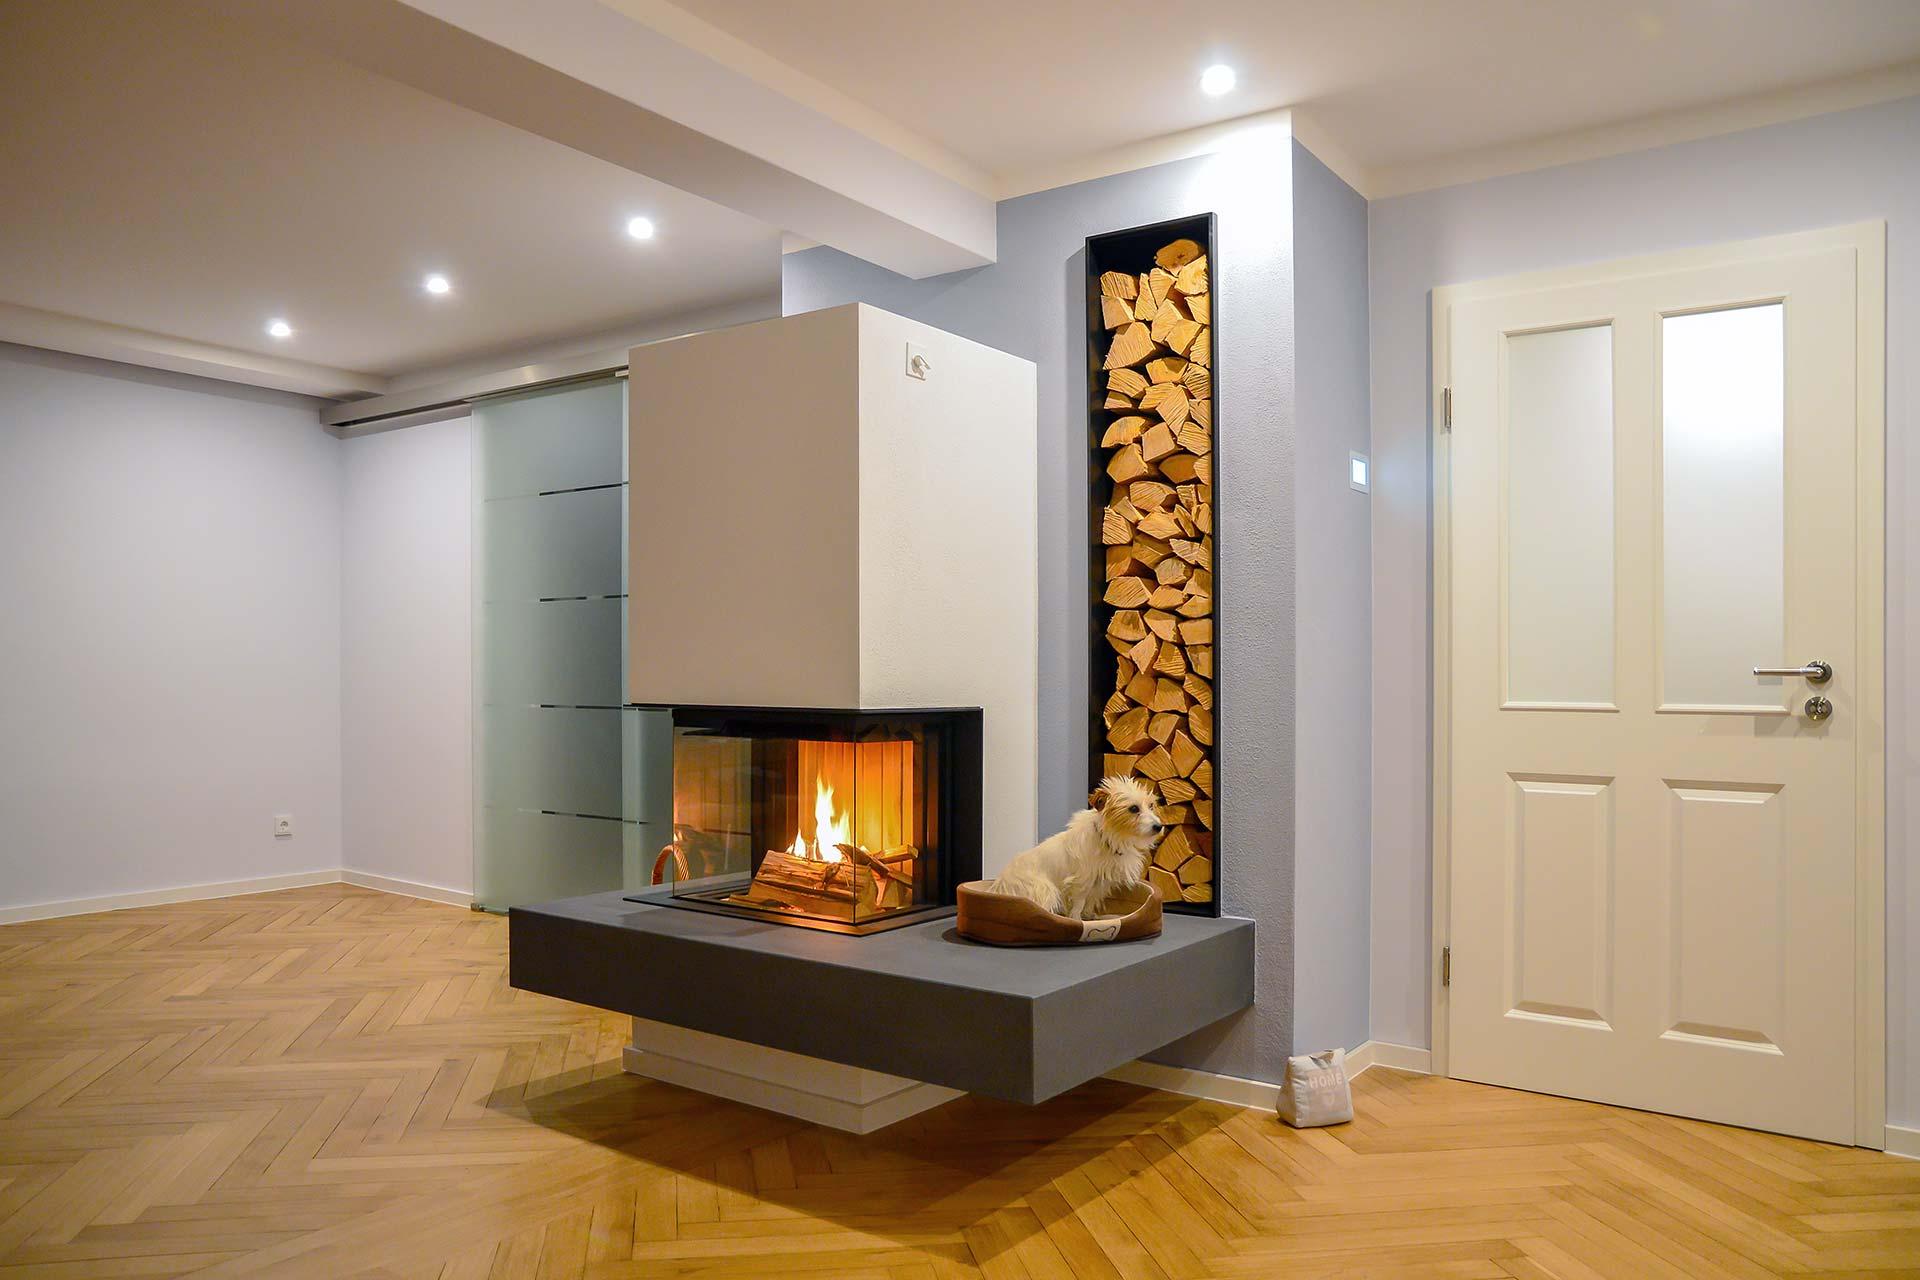 Referenz Ofen- und Kaminbau, Bild 0680